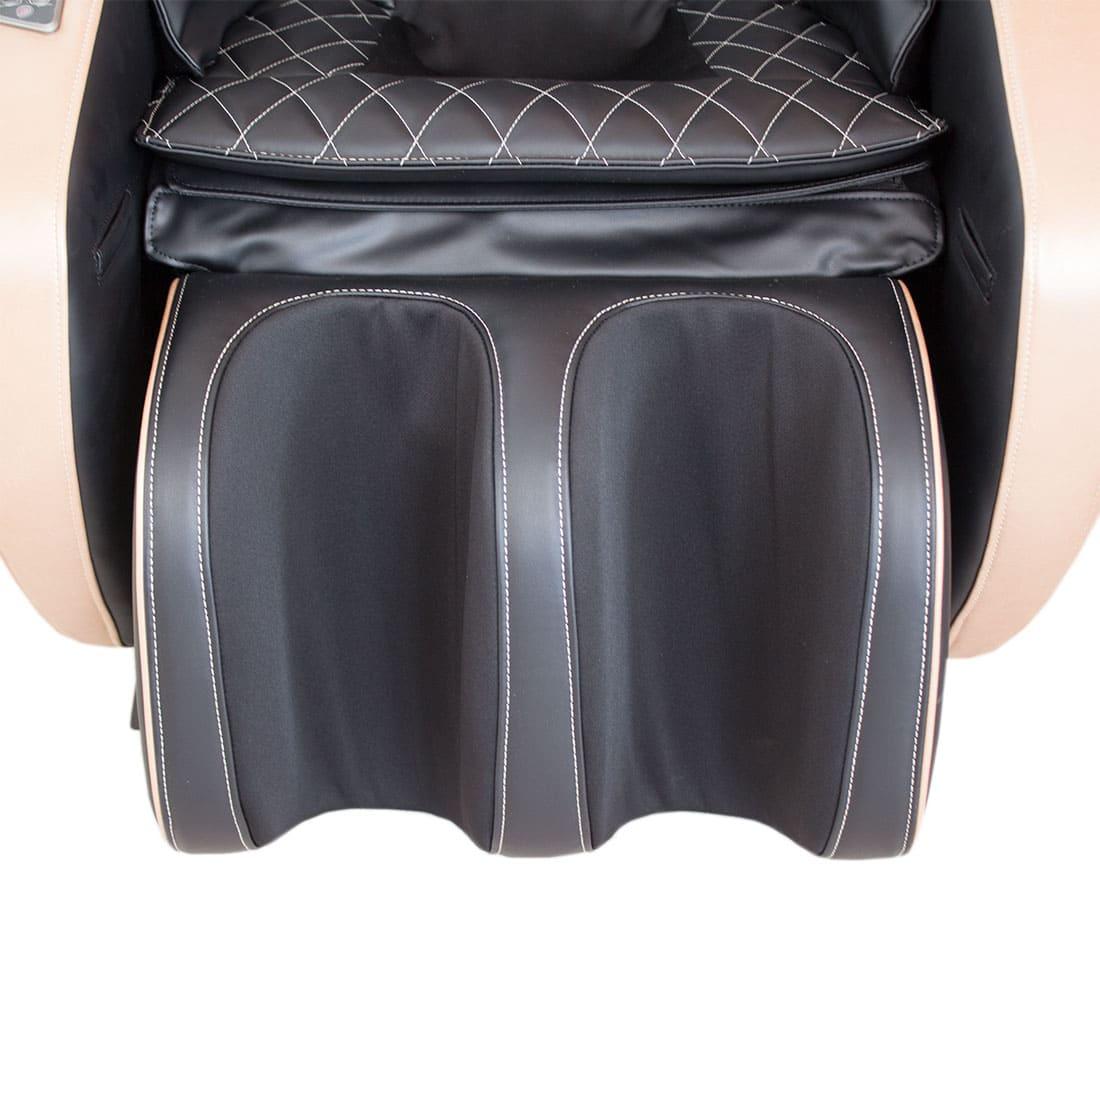 Массажное кресло Bend коричнево-черное, L-образная каретка, колонки, массаж фиксированной точки, прогрев, автоотключение, bluetooth, GESS